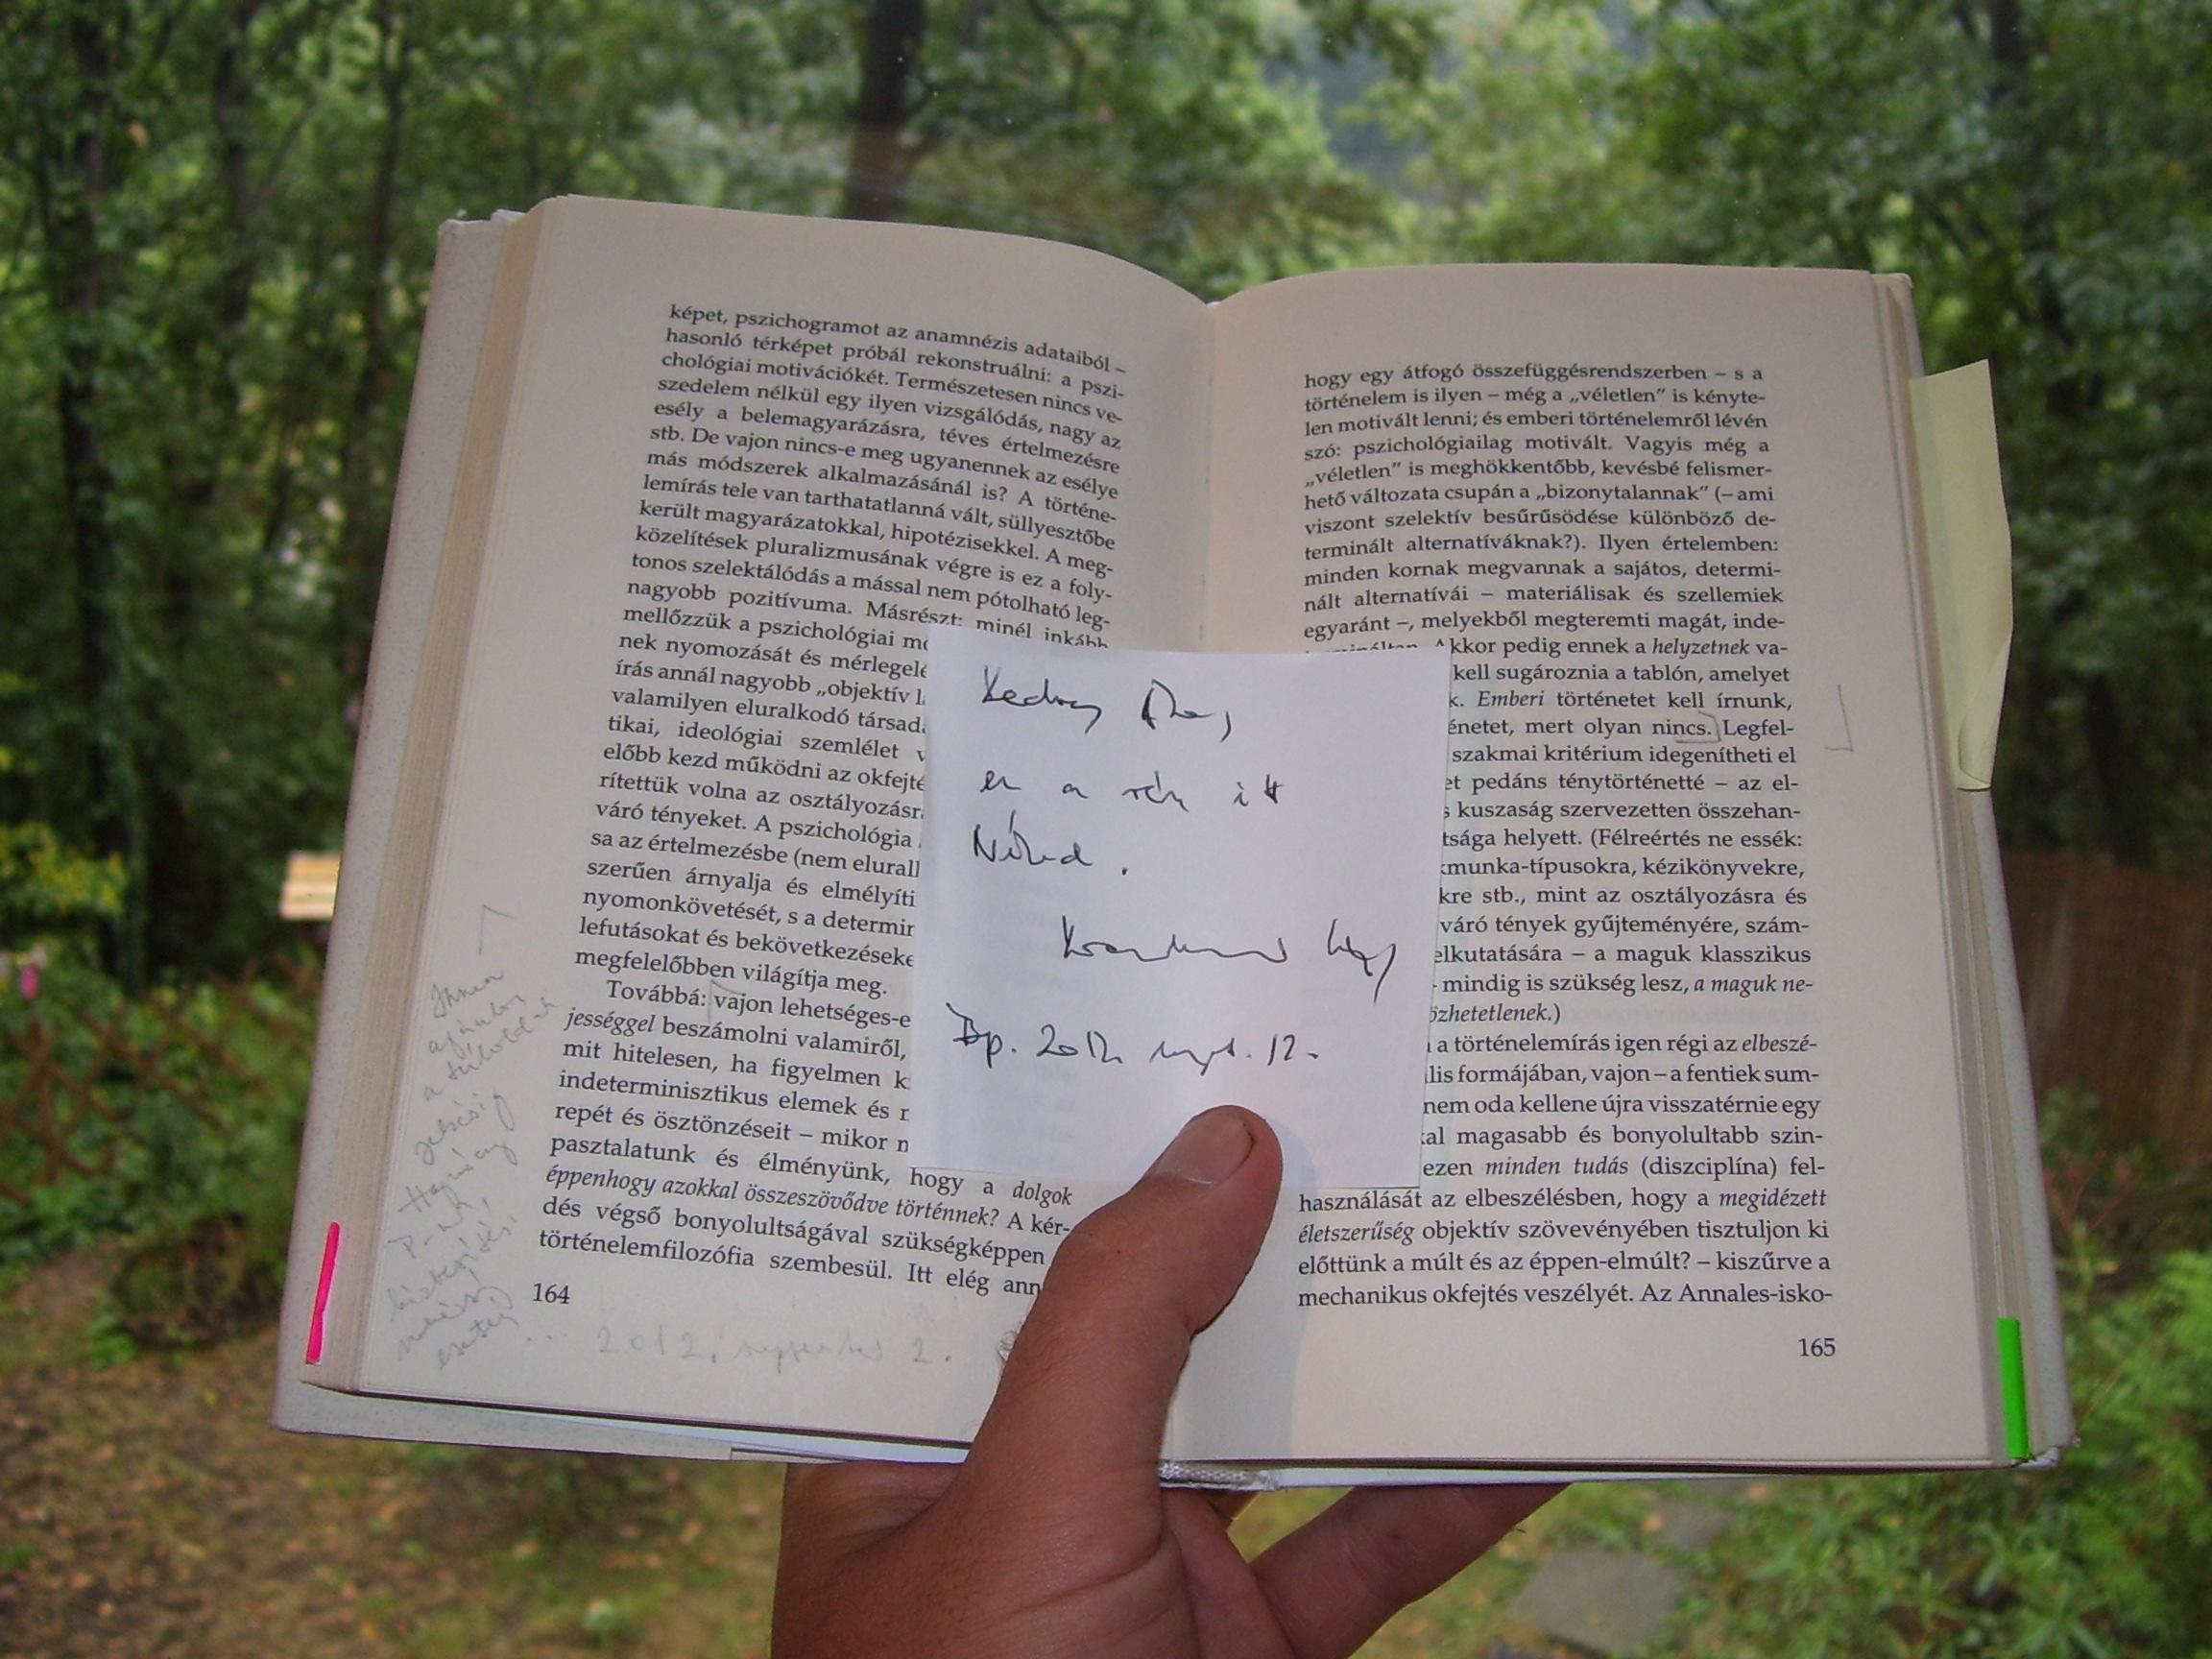 Győrffy Ákos kezében a könyv